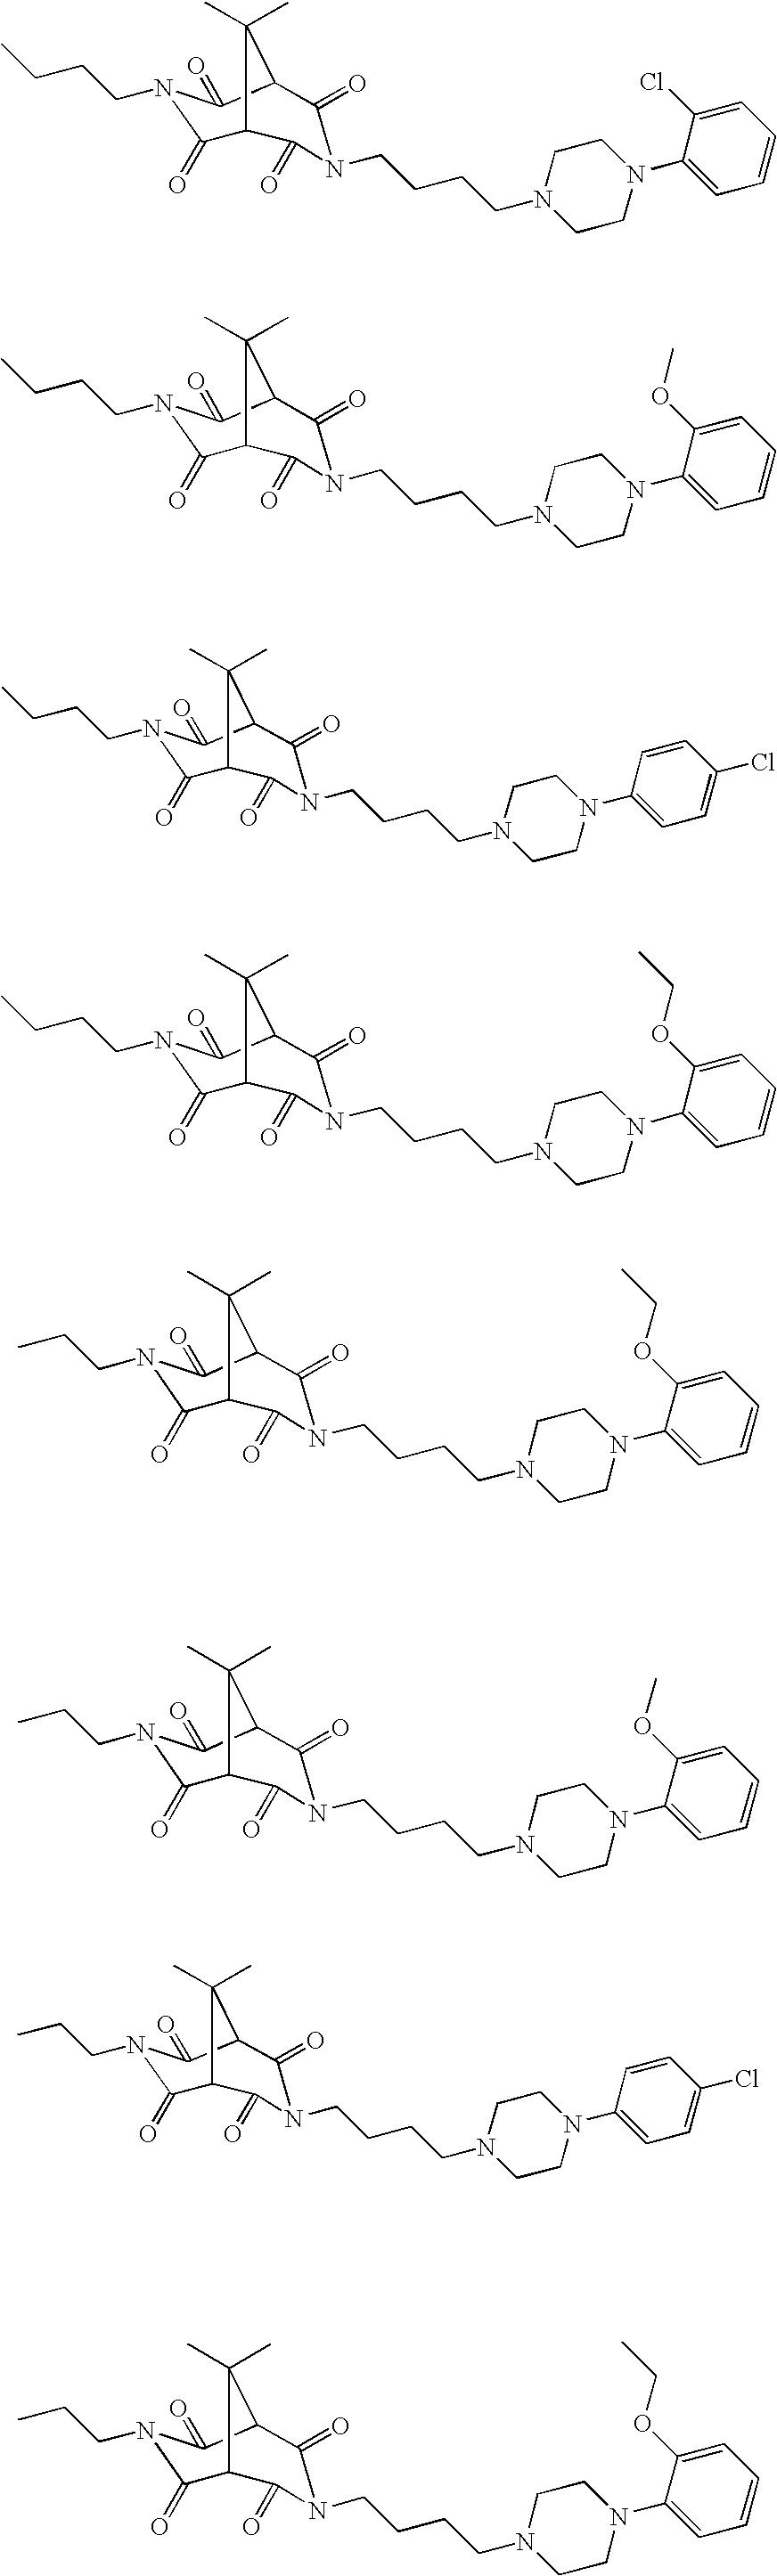 Figure US20100009983A1-20100114-C00032